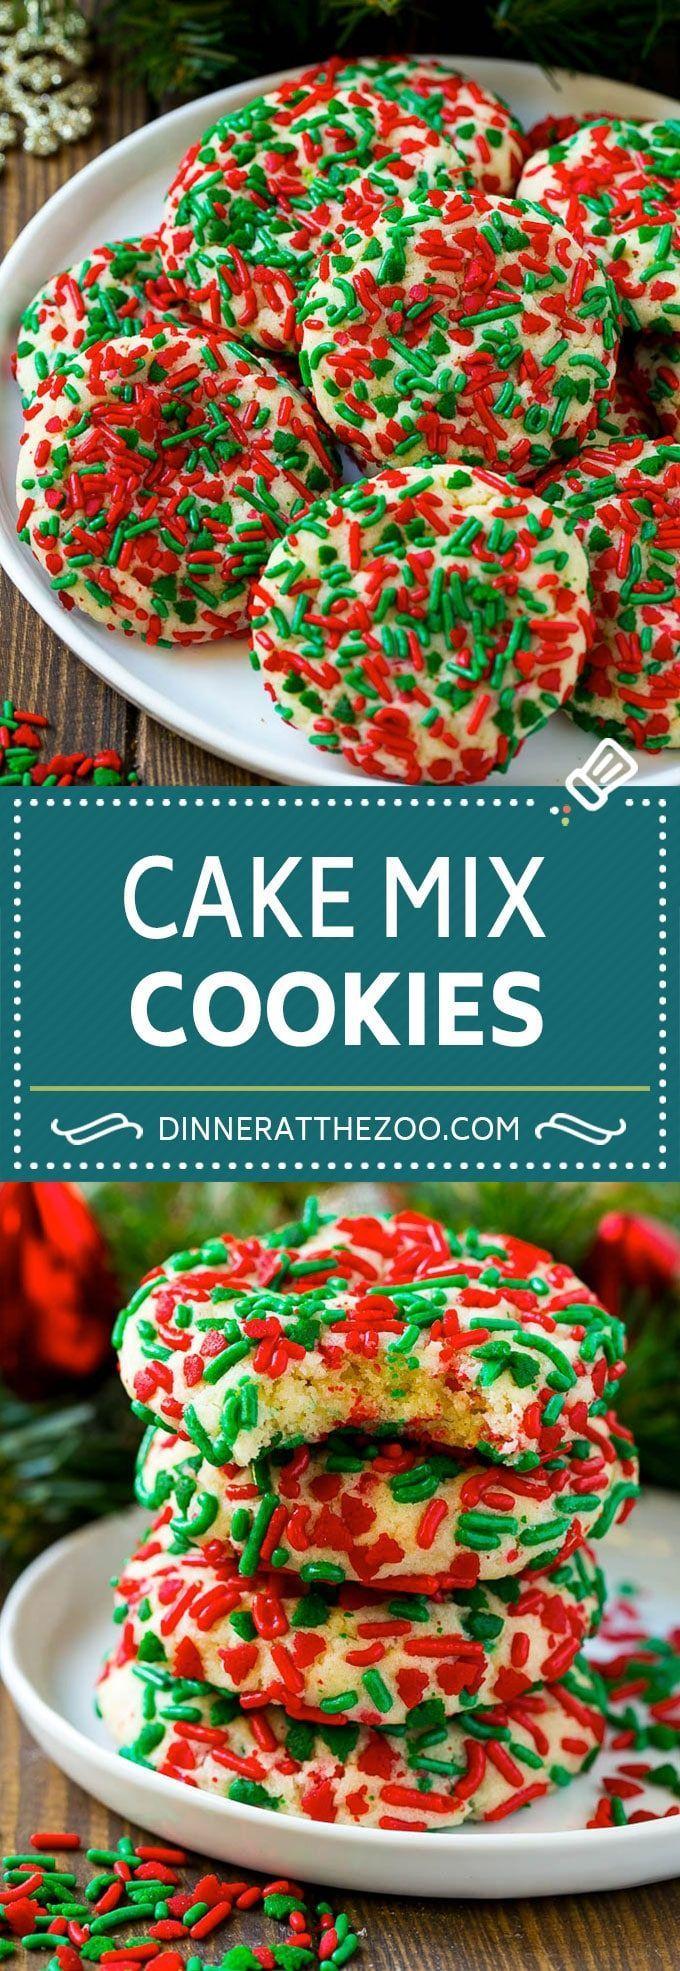 Cake Mix Cookies Recipe Mix Cookies Recipe | Sprinkle Cookies | Christmas Cookies